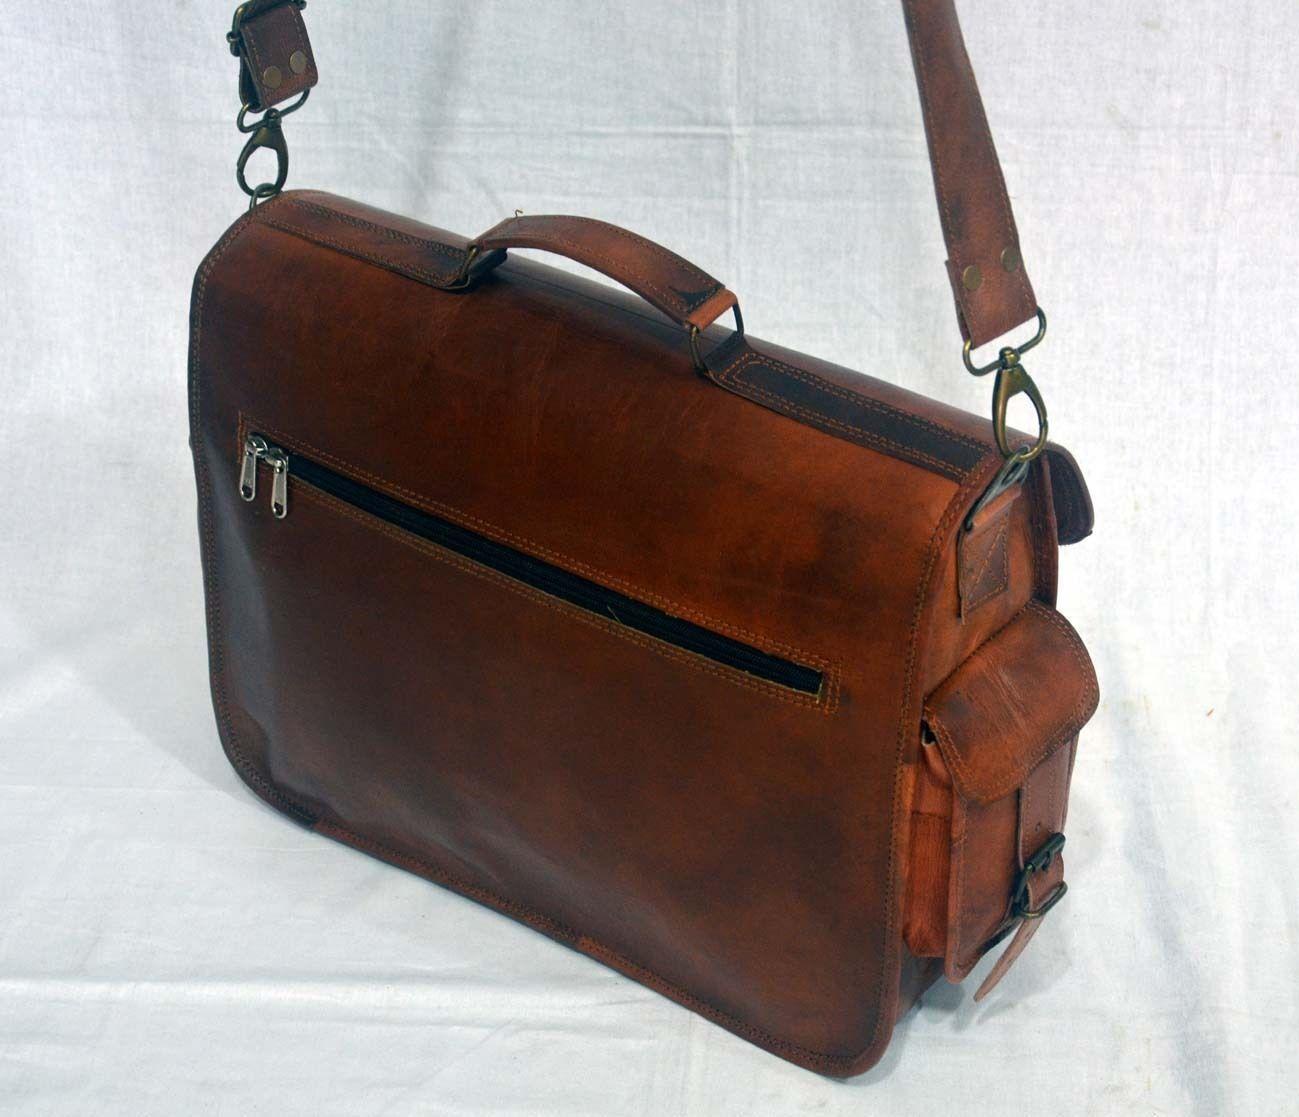 vintage soft leather messenger brown real laptop satchel bag camera briefcase image 3